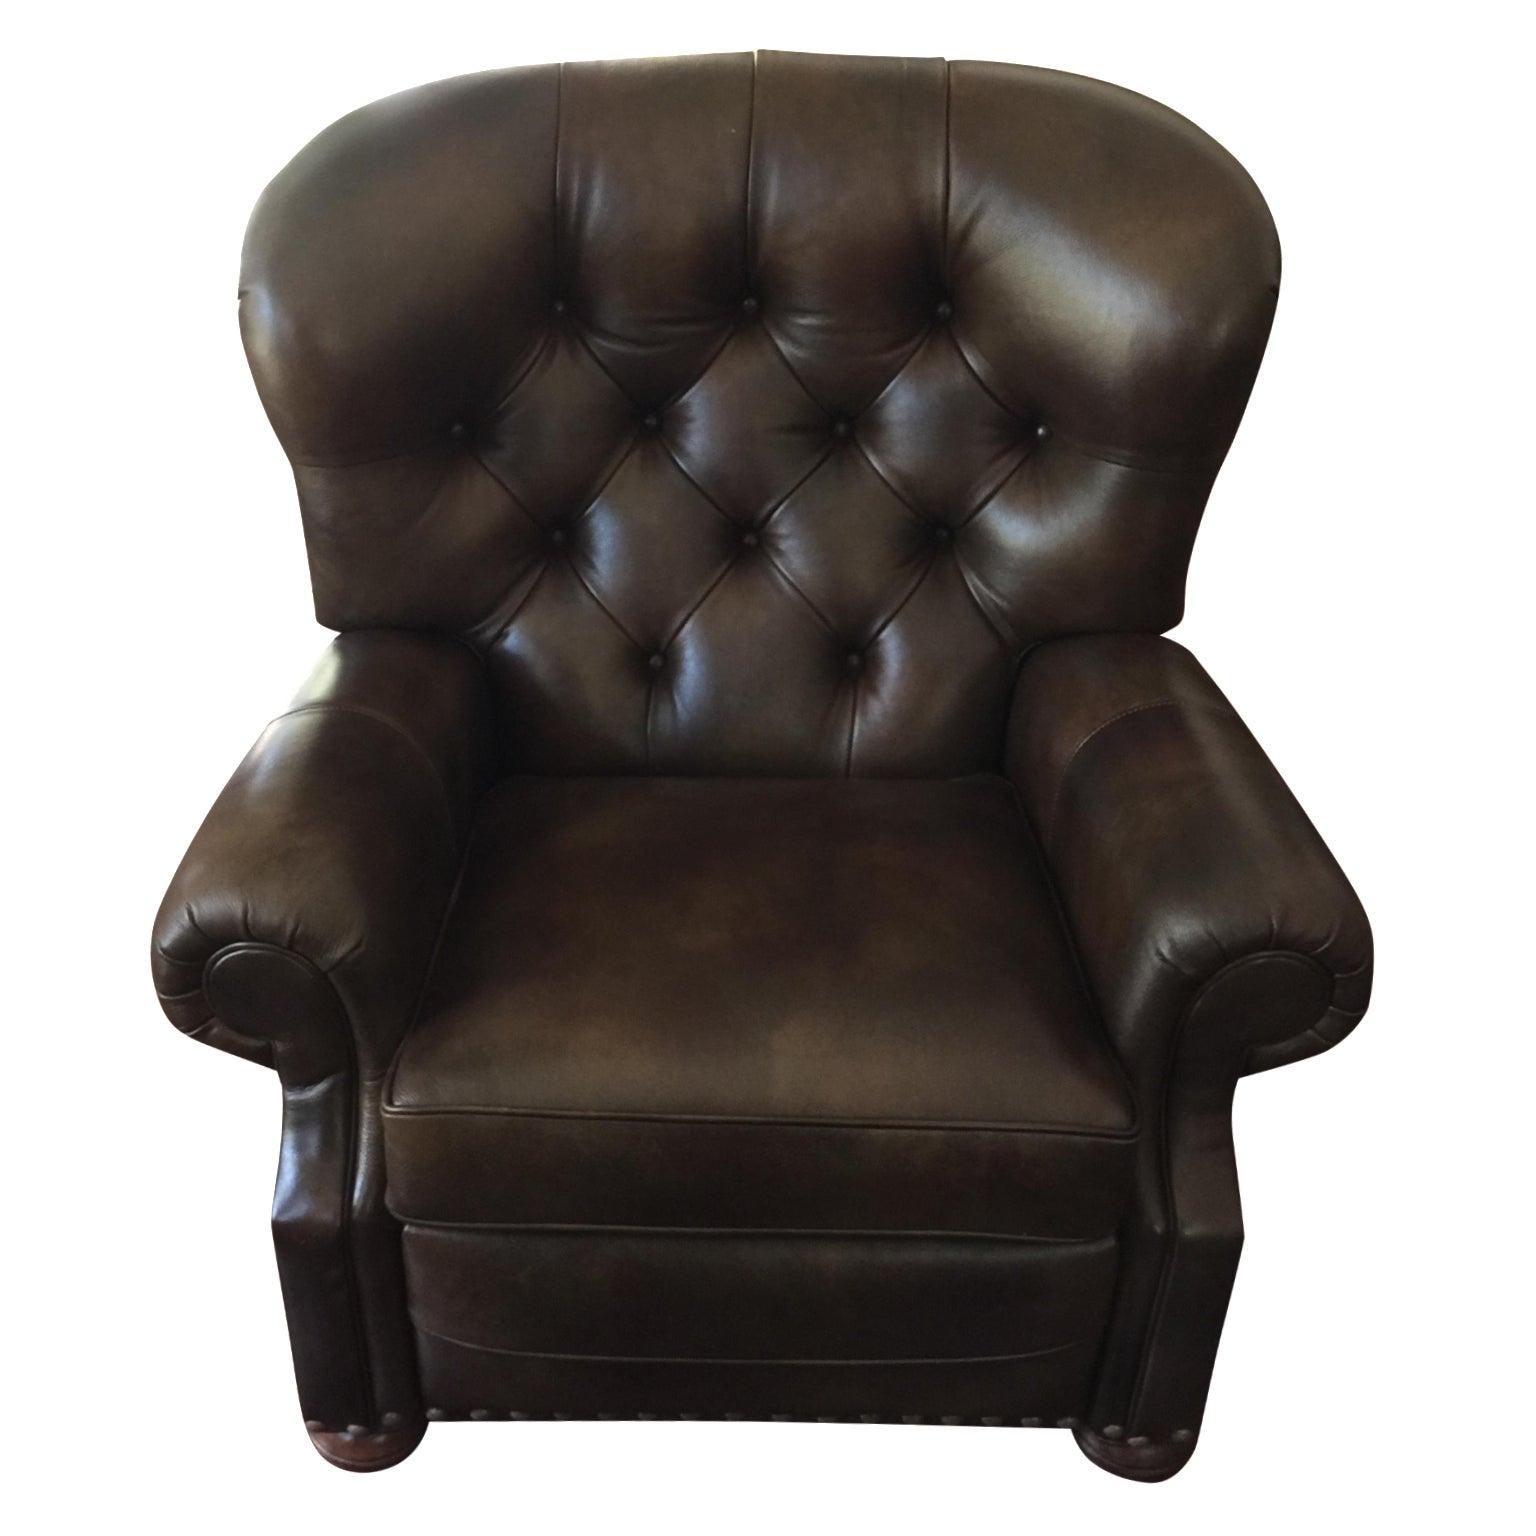 Astounding Ethan Allen Cromwell Leather Recliner Short Links Chair Design For Home Short Linksinfo